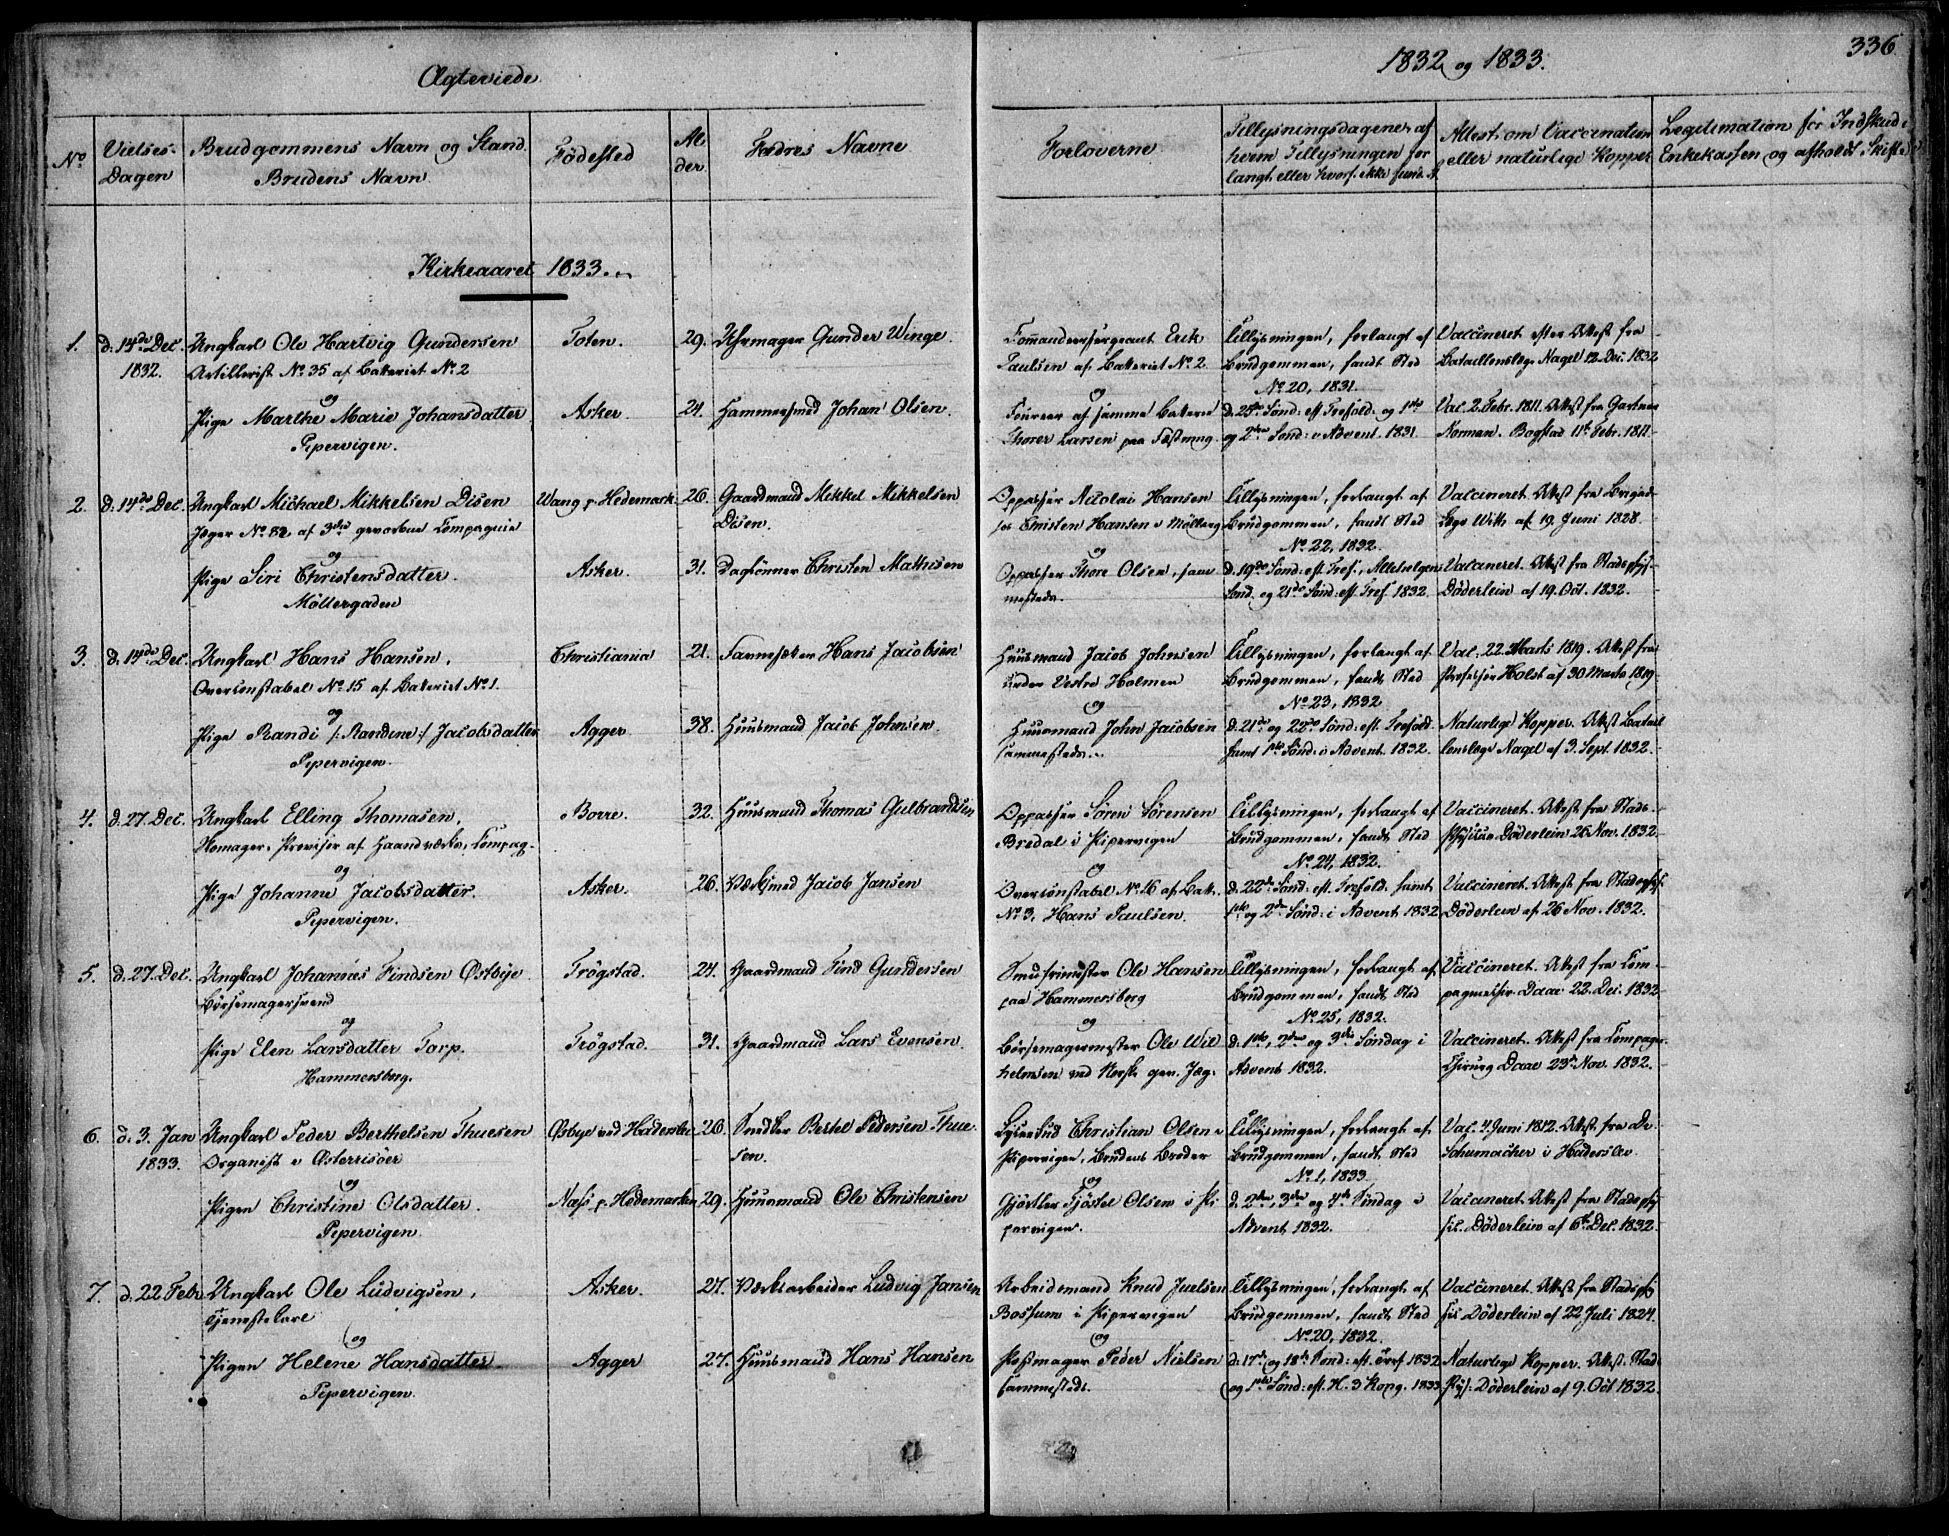 SAO, Garnisonsmenigheten Kirkebøker, F/Fa/L0006: Ministerialbok nr. 6, 1828-1841, s. 336